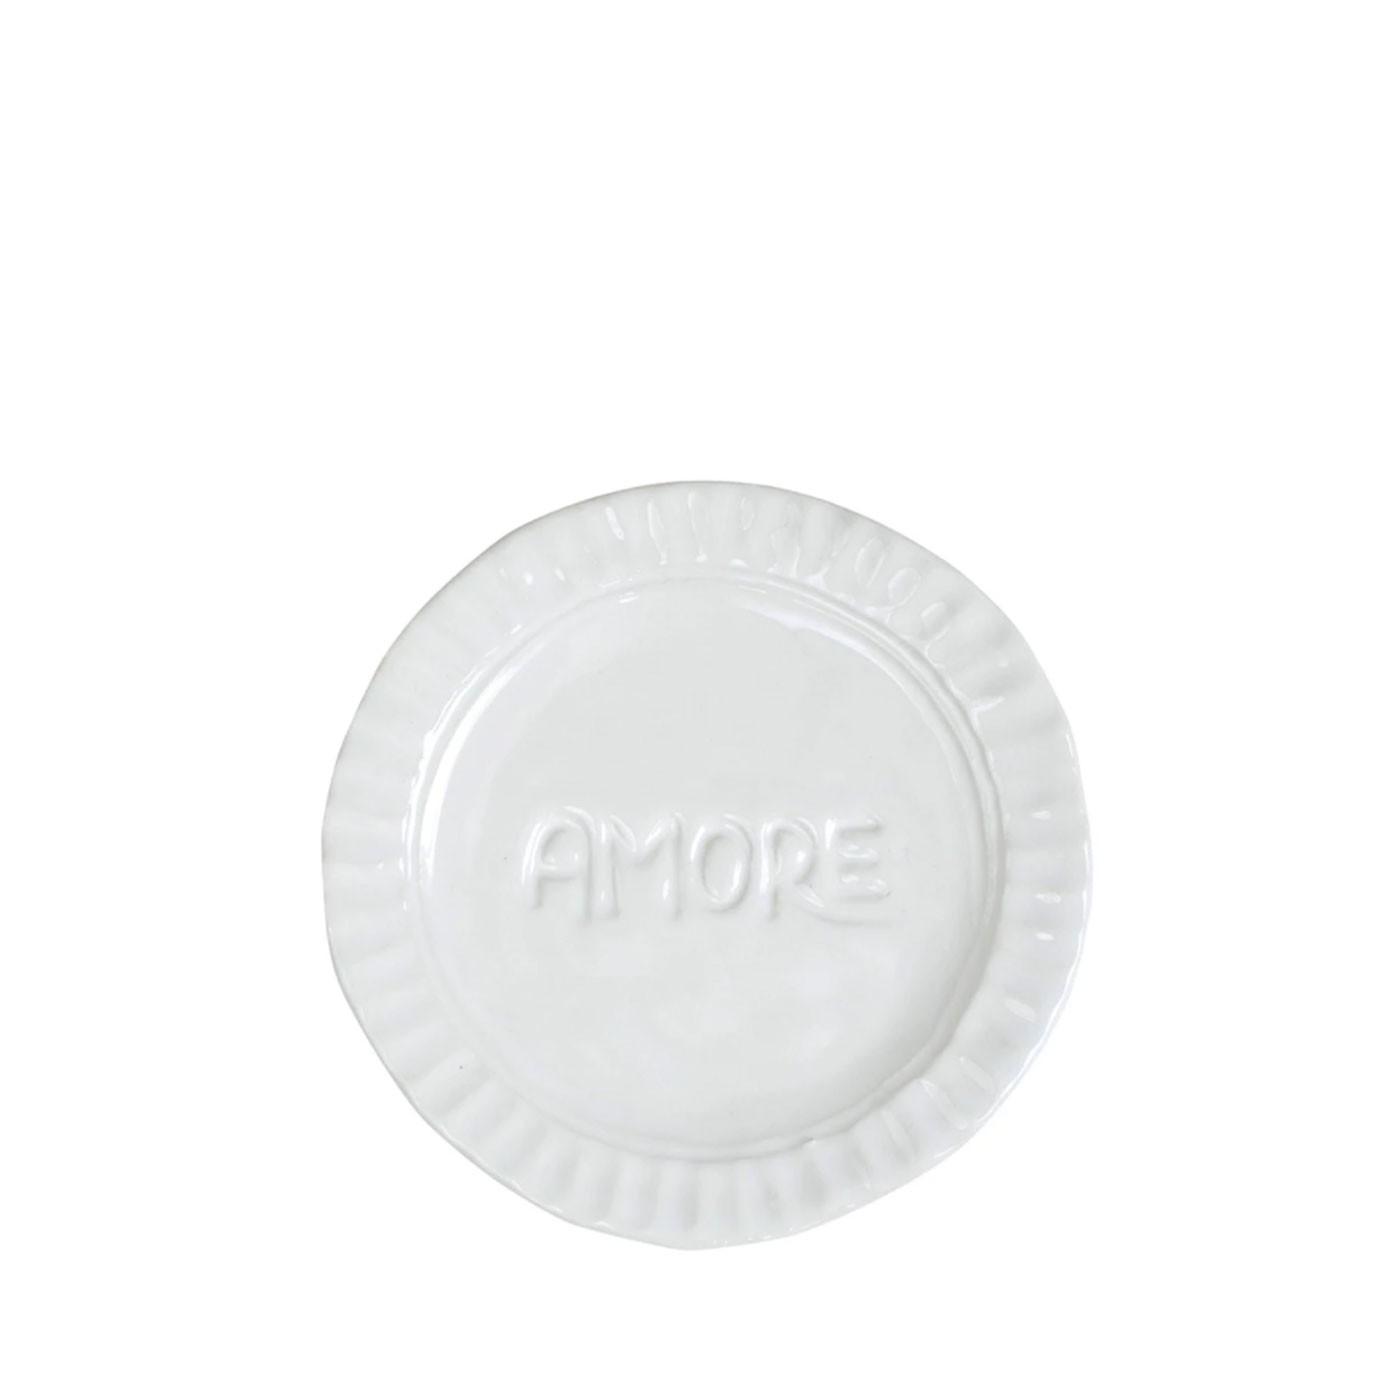 Pietra Serena Amore Plate - Vietri | Eataly.com